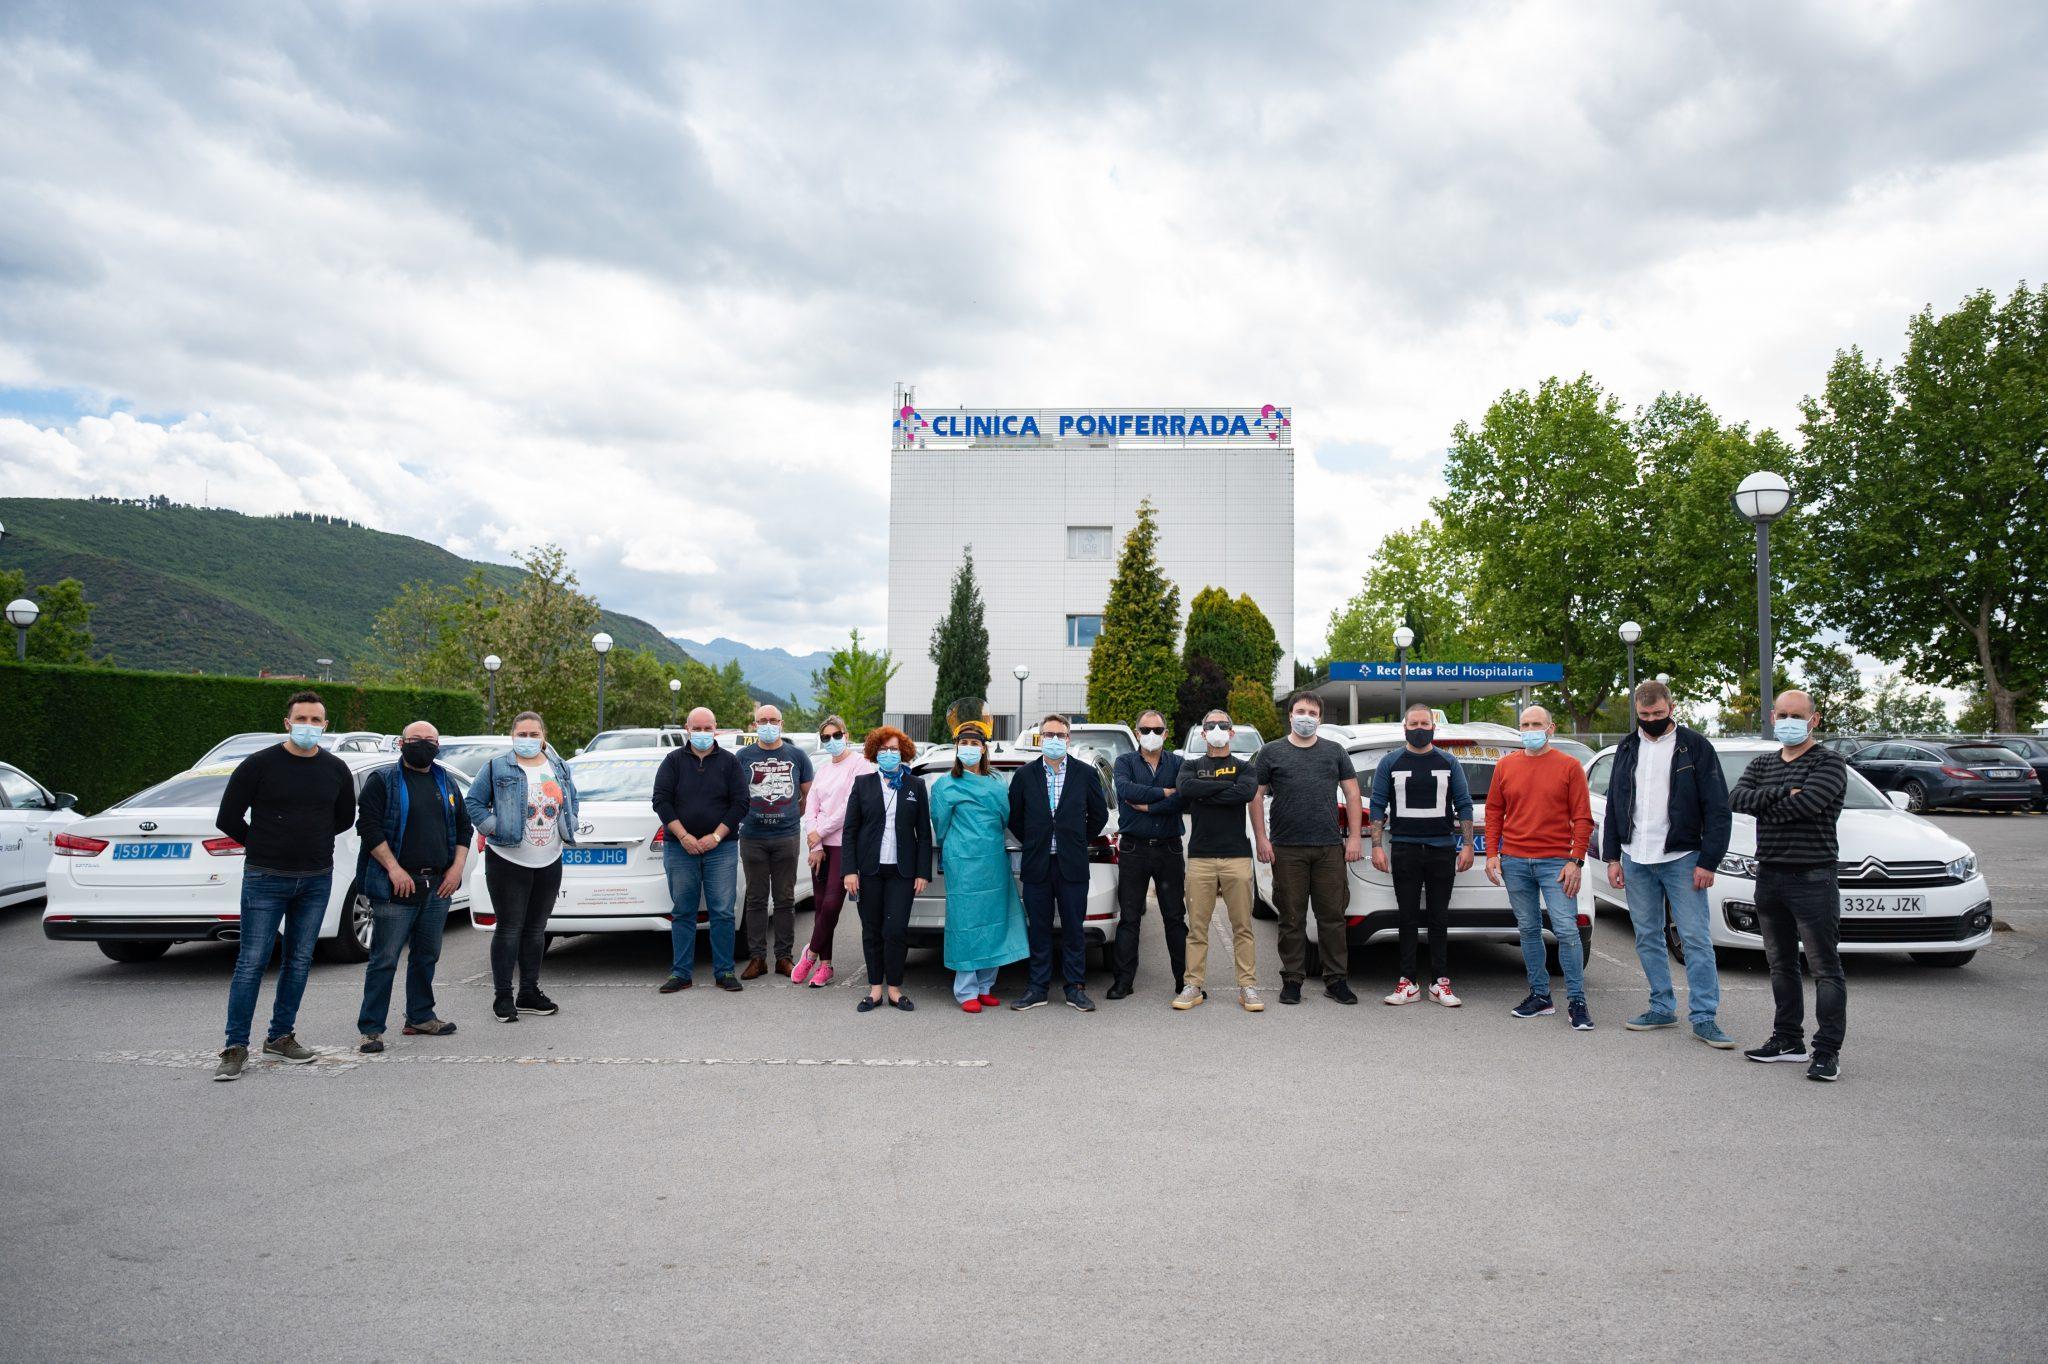 La campaña Más salud, más Bierzo de la Clínica Ponferrada lleva a cabo un cribado de antígenos a los taxistas 1